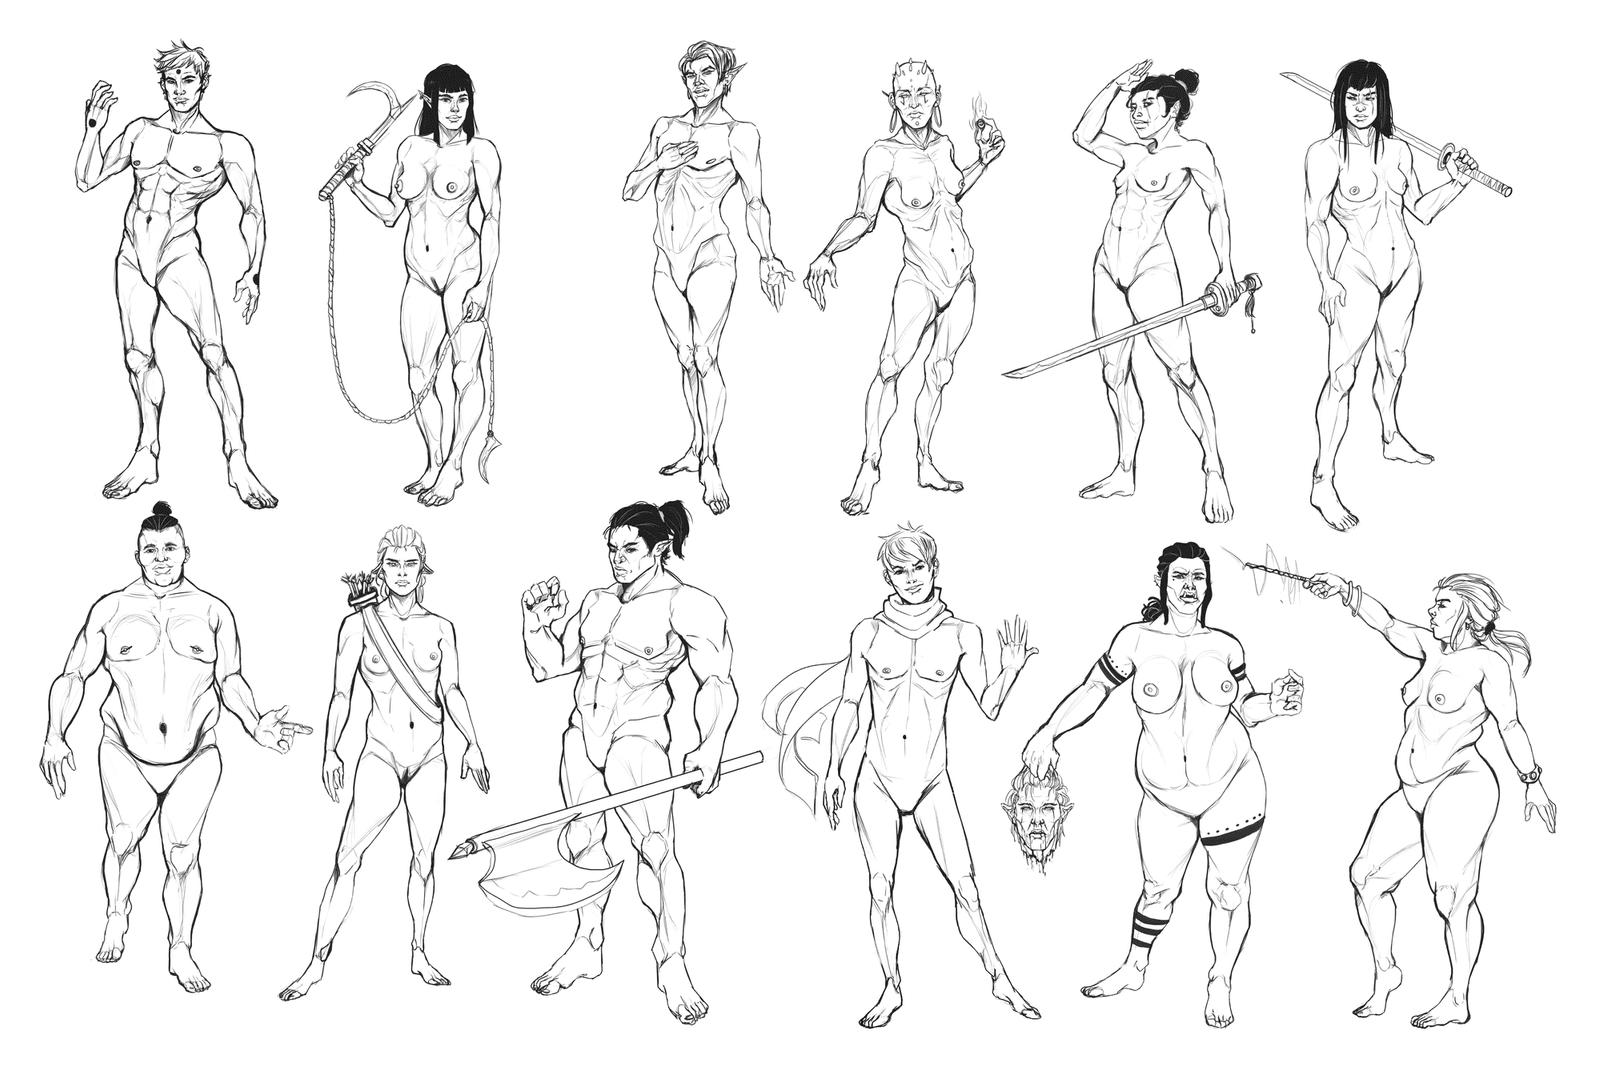 Body Type Studies